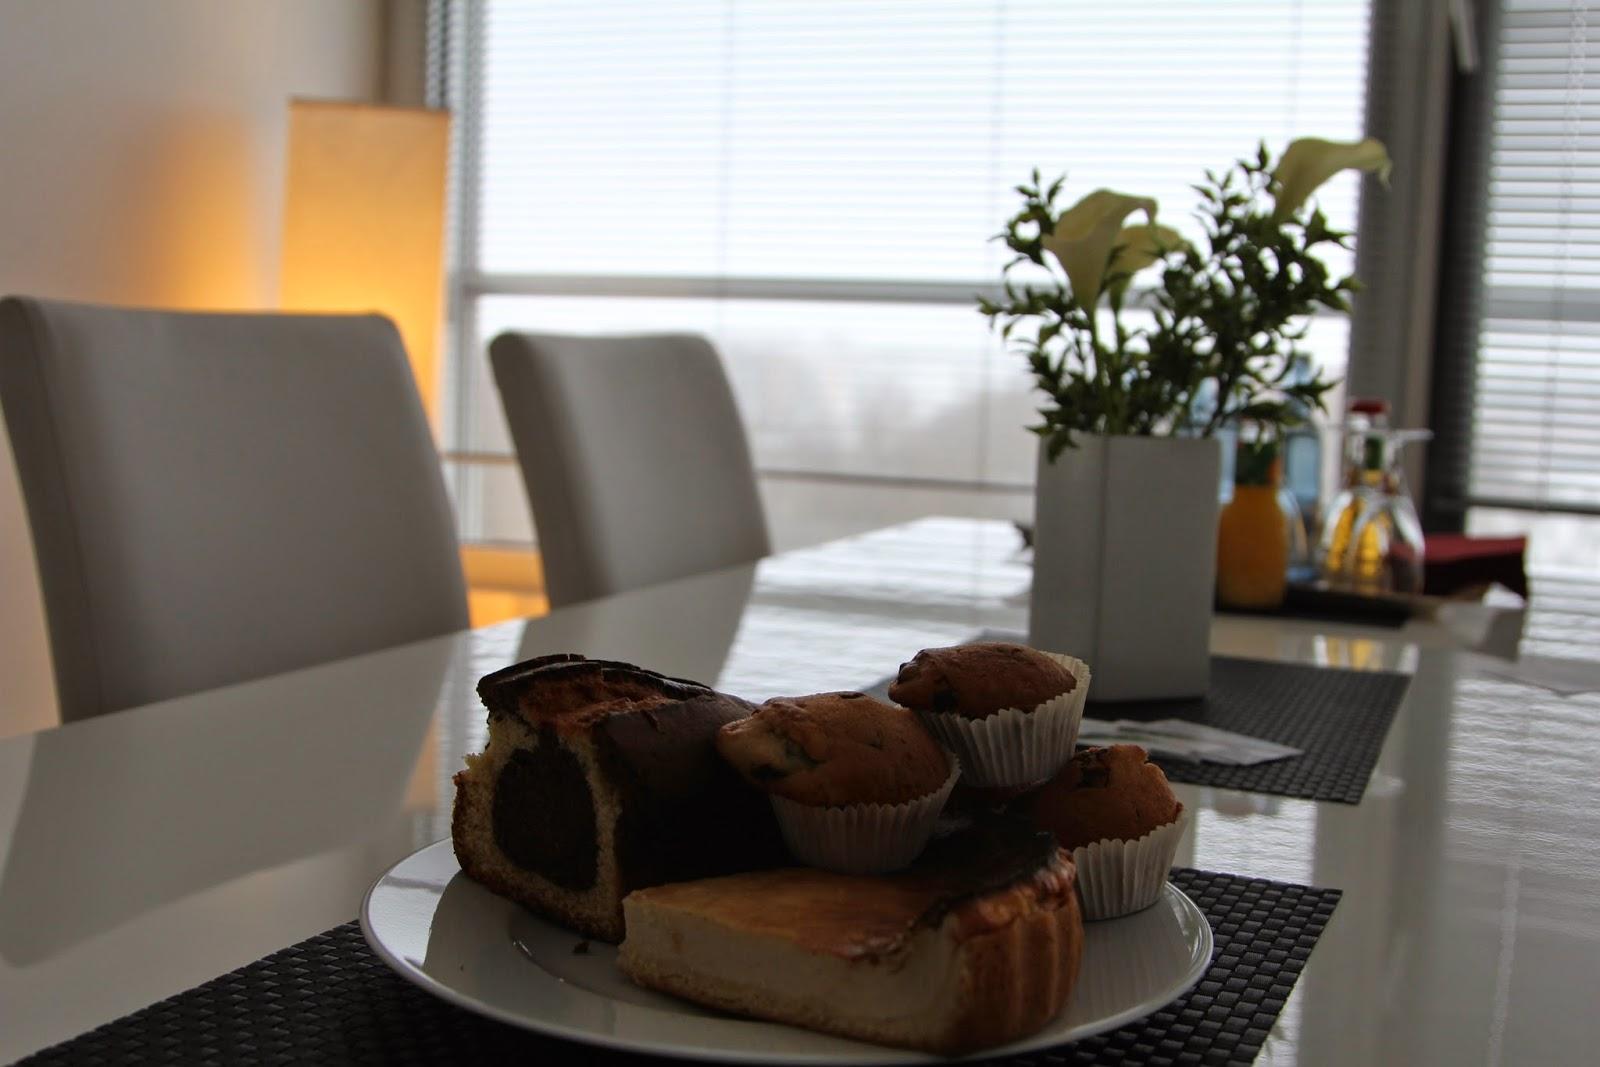 Verzauberkunst Guten Morgen Frühstück Dekoration Von Erst Einmal Kaffee Und Frühstück… Morgen!